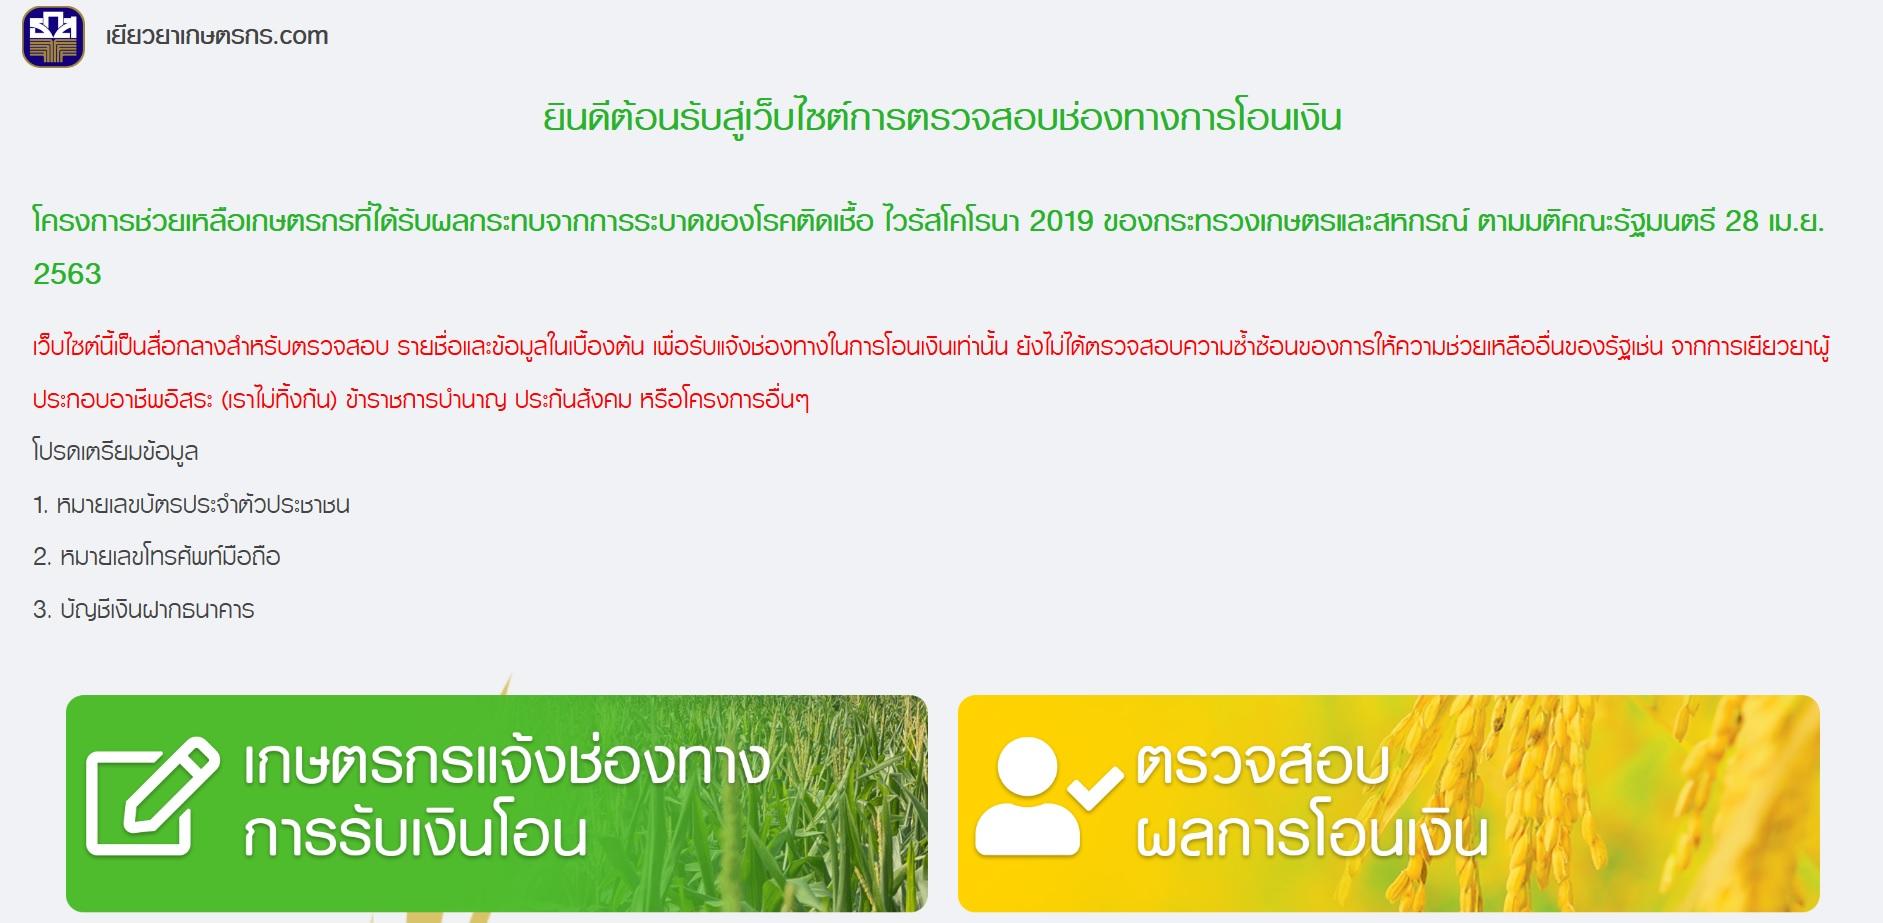 ช่องทางในการตรวจสอบ เยียวยาเกษตรกร